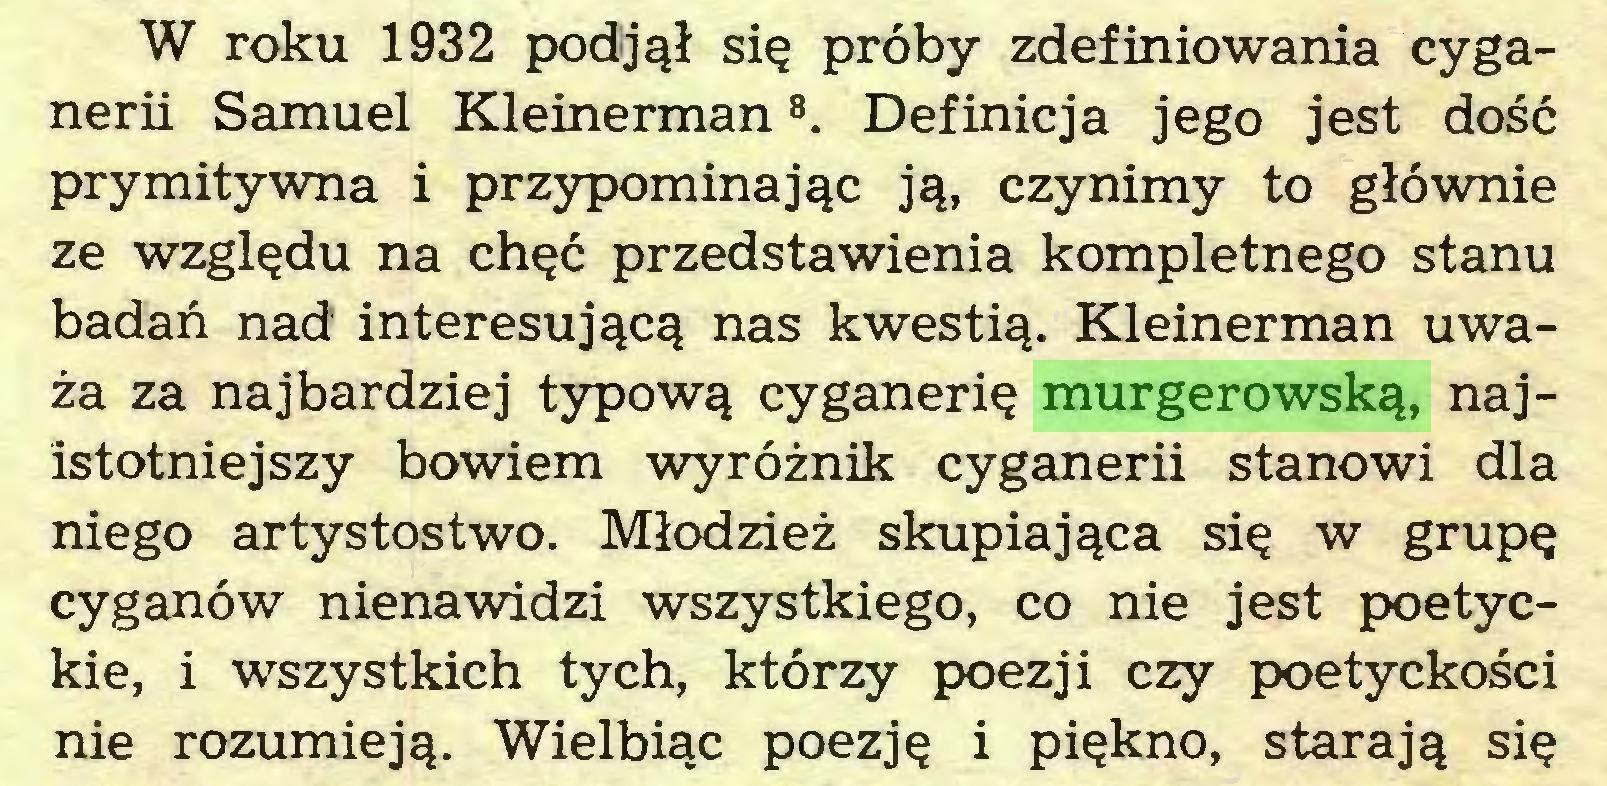 (...) W roku 1932 podjął się próby zdefiniowania cyganerii Samuel Kleinerman8. Definicja jego jest dość prymitywna i przypominając ją, czynimy to głównie ze względu na chęć przedstawienia kompletnego stanu badań nad interesującą nas kwestią. Kleinerman uważa za najbardziej typową cyganerię murgerowską, najistotniejszy bowiem wyróżnik cyganerii stanowi dla niego artystostwo. Młodzież skupiająca się w grupę cyganów nienawidzi wszystkiego, co nie jest poetyckie, i wszystkich tych, którzy poezji czy poetyckości nie rozumieją. Wielbiąc poezję i piękno, starają się...